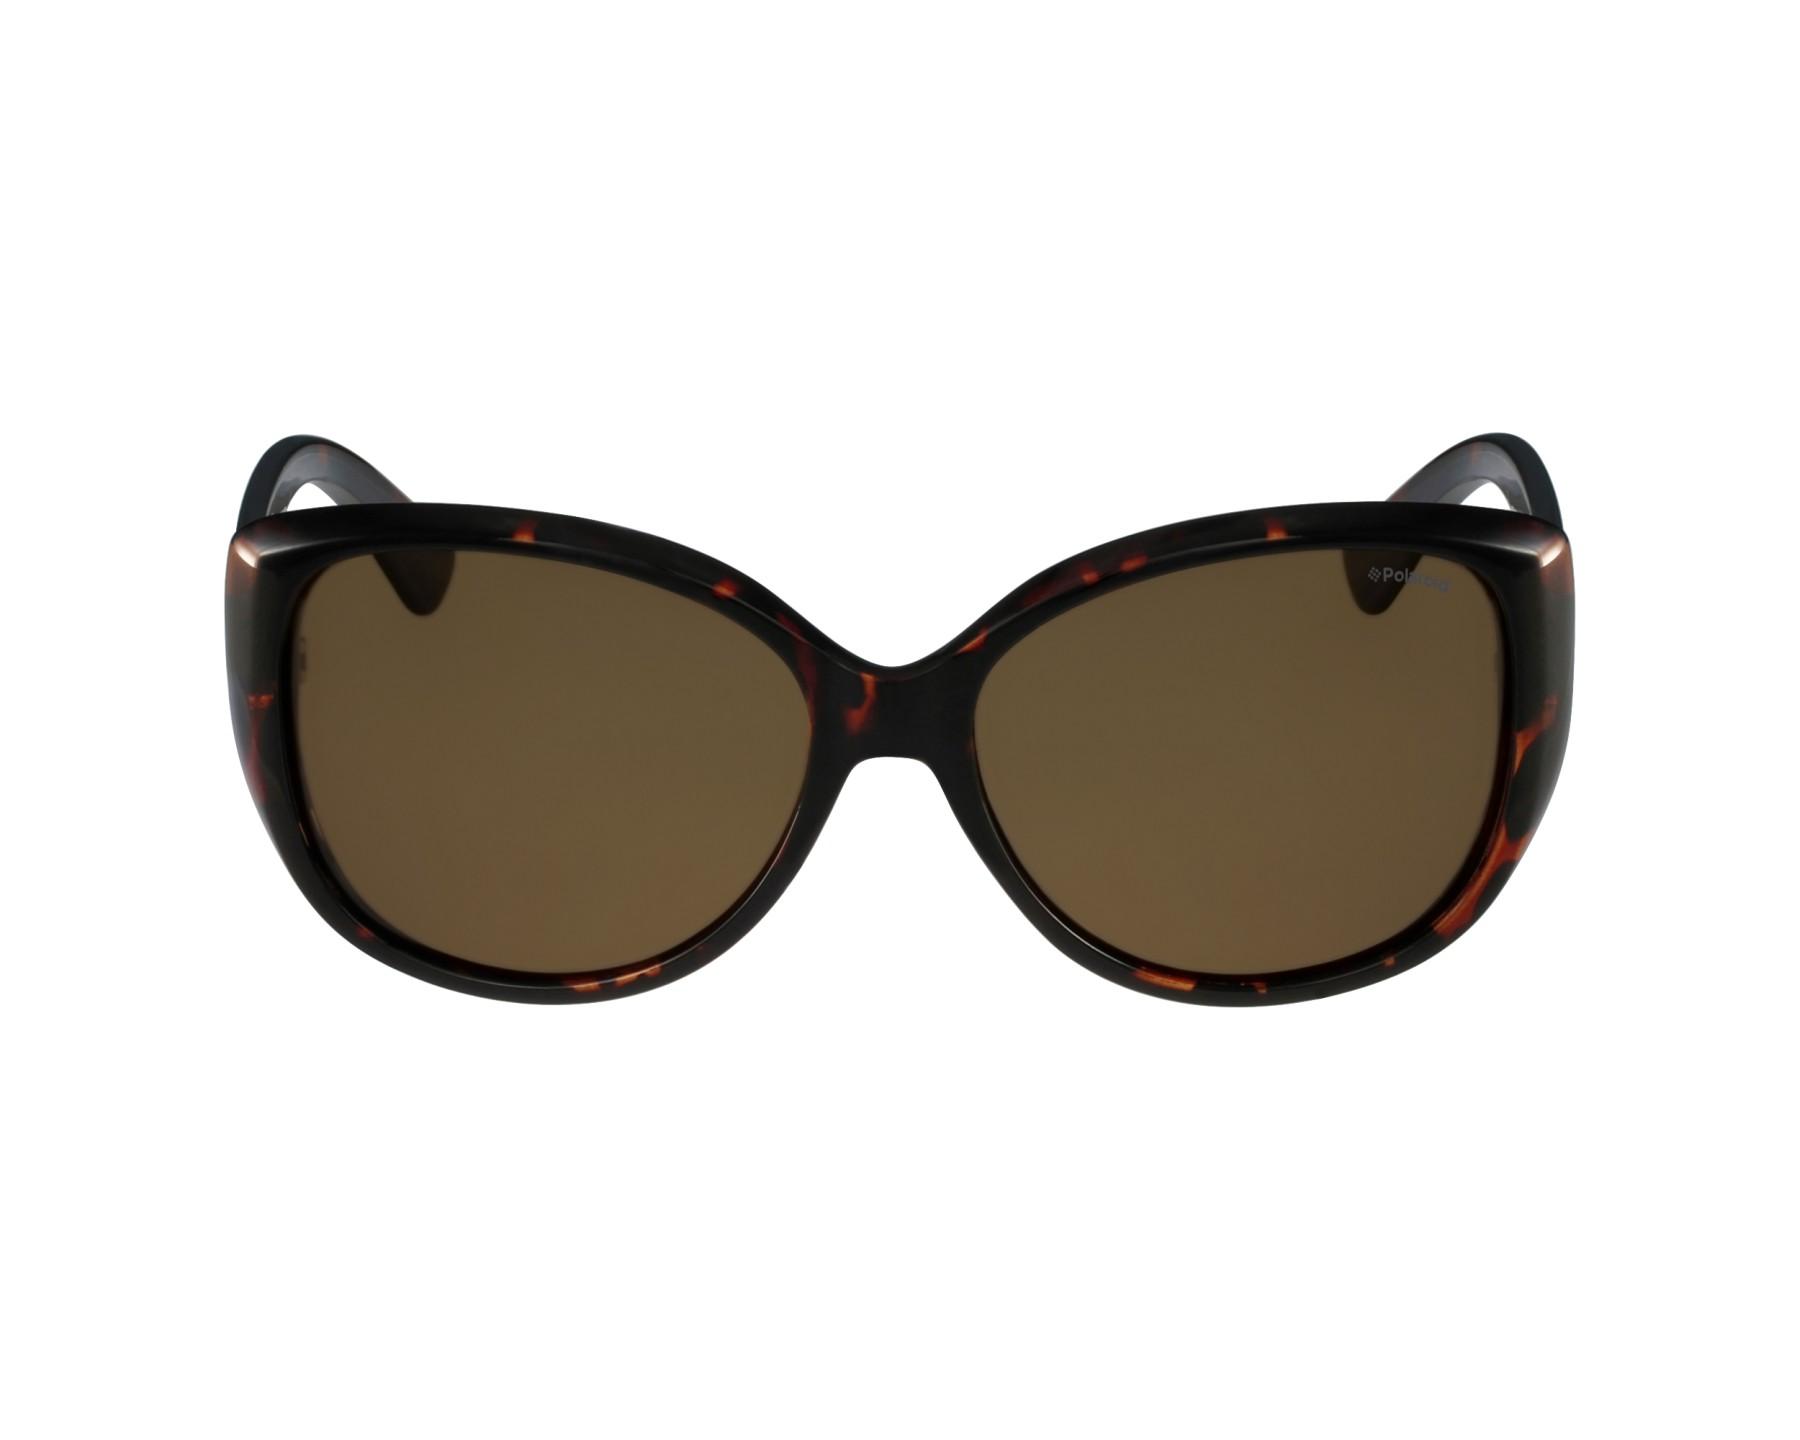 Sunglasses Polaroid PLD-4031-S Q3V IG 58-16 Havana profile view 06763e4495d